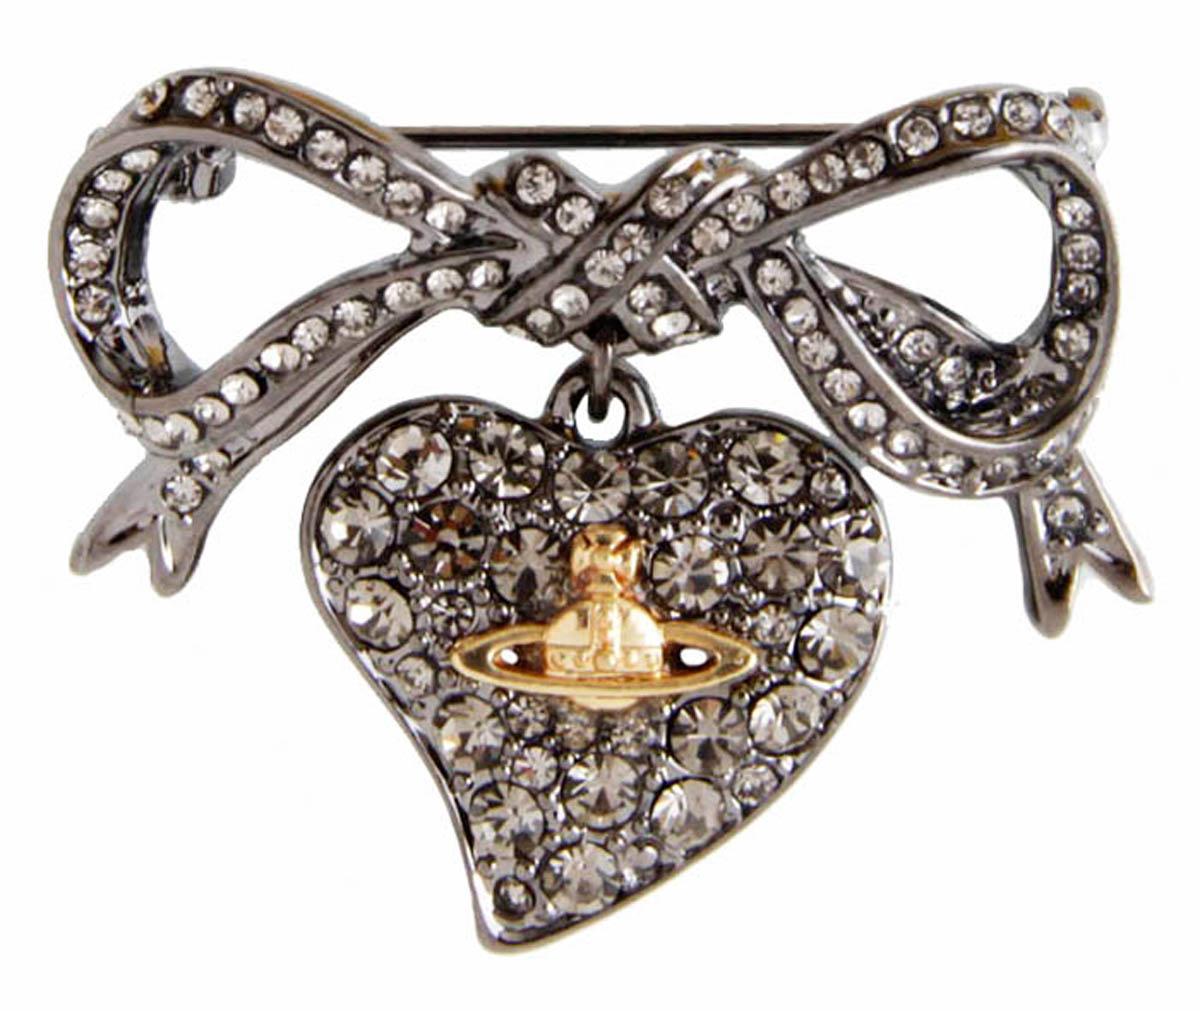 Брошь Сердце в стиле Vivienne Westwood. Бижутерный сплав, кристаллыБрошь-кулонБрошь Сердце в стиле Vivienne Westwood. Бижутерный сплав, кристаллы. Размер 3,5 х 3,5 см. Сохранность хорошая. Предмет не был в использовании.Филигранная брошь выполнена из бижутерного сплава серебряного тона.Очаровательная, притягивающая взгляды брошь.Снабжена удобной и надежной застежкой.Брошь - отличное дополнение вашего наряда.